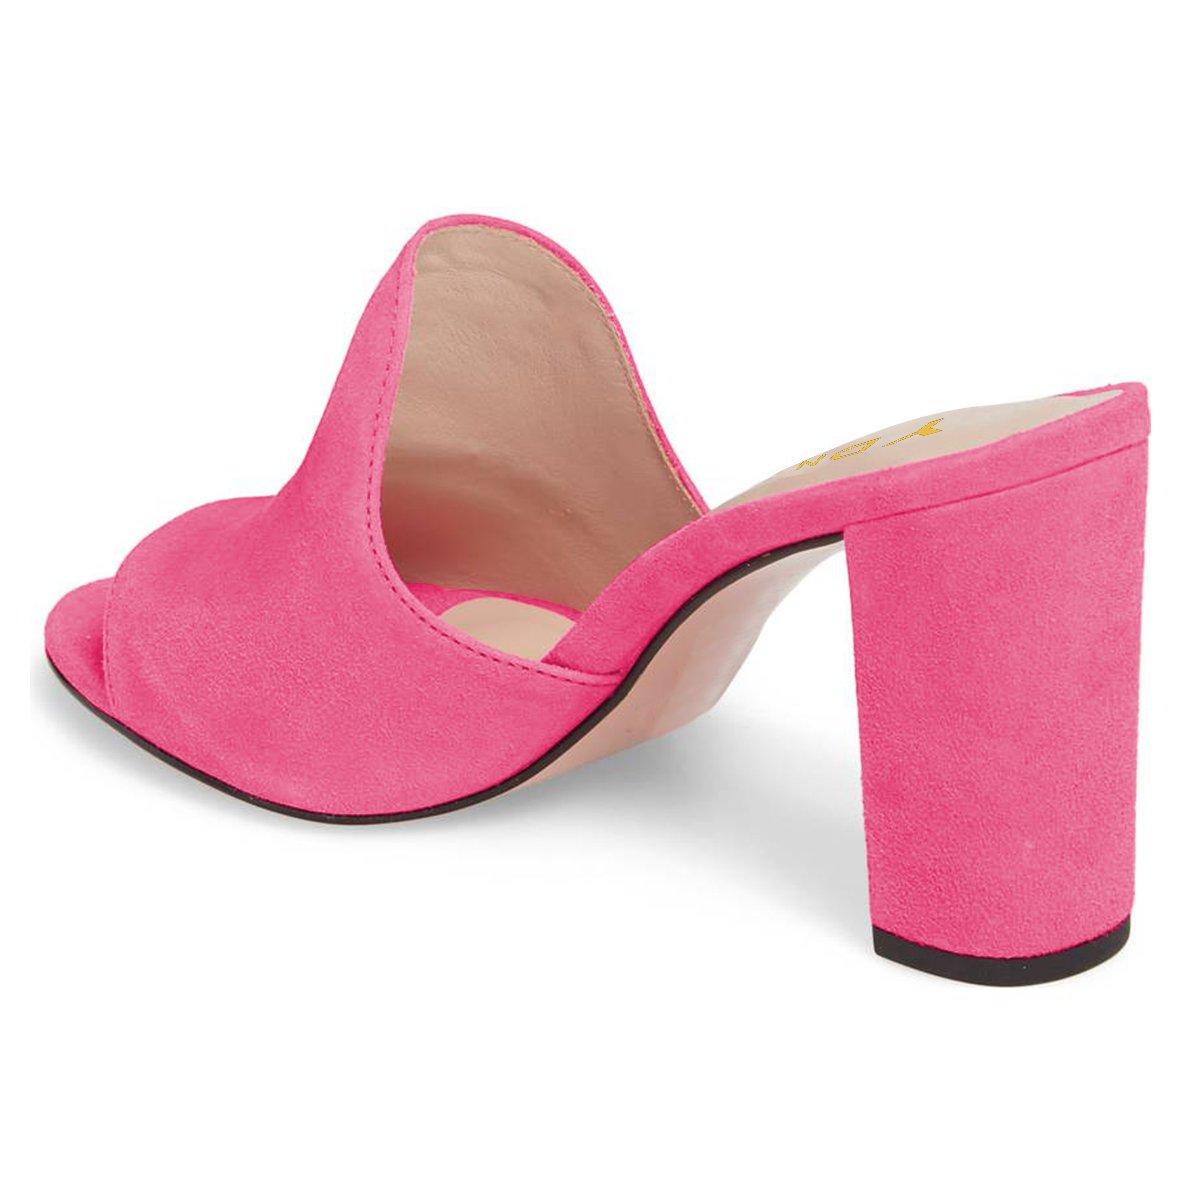 YDN Mujeres Peep Toe de Chunky Mocasines Rosado de tacón Zapatillas ...